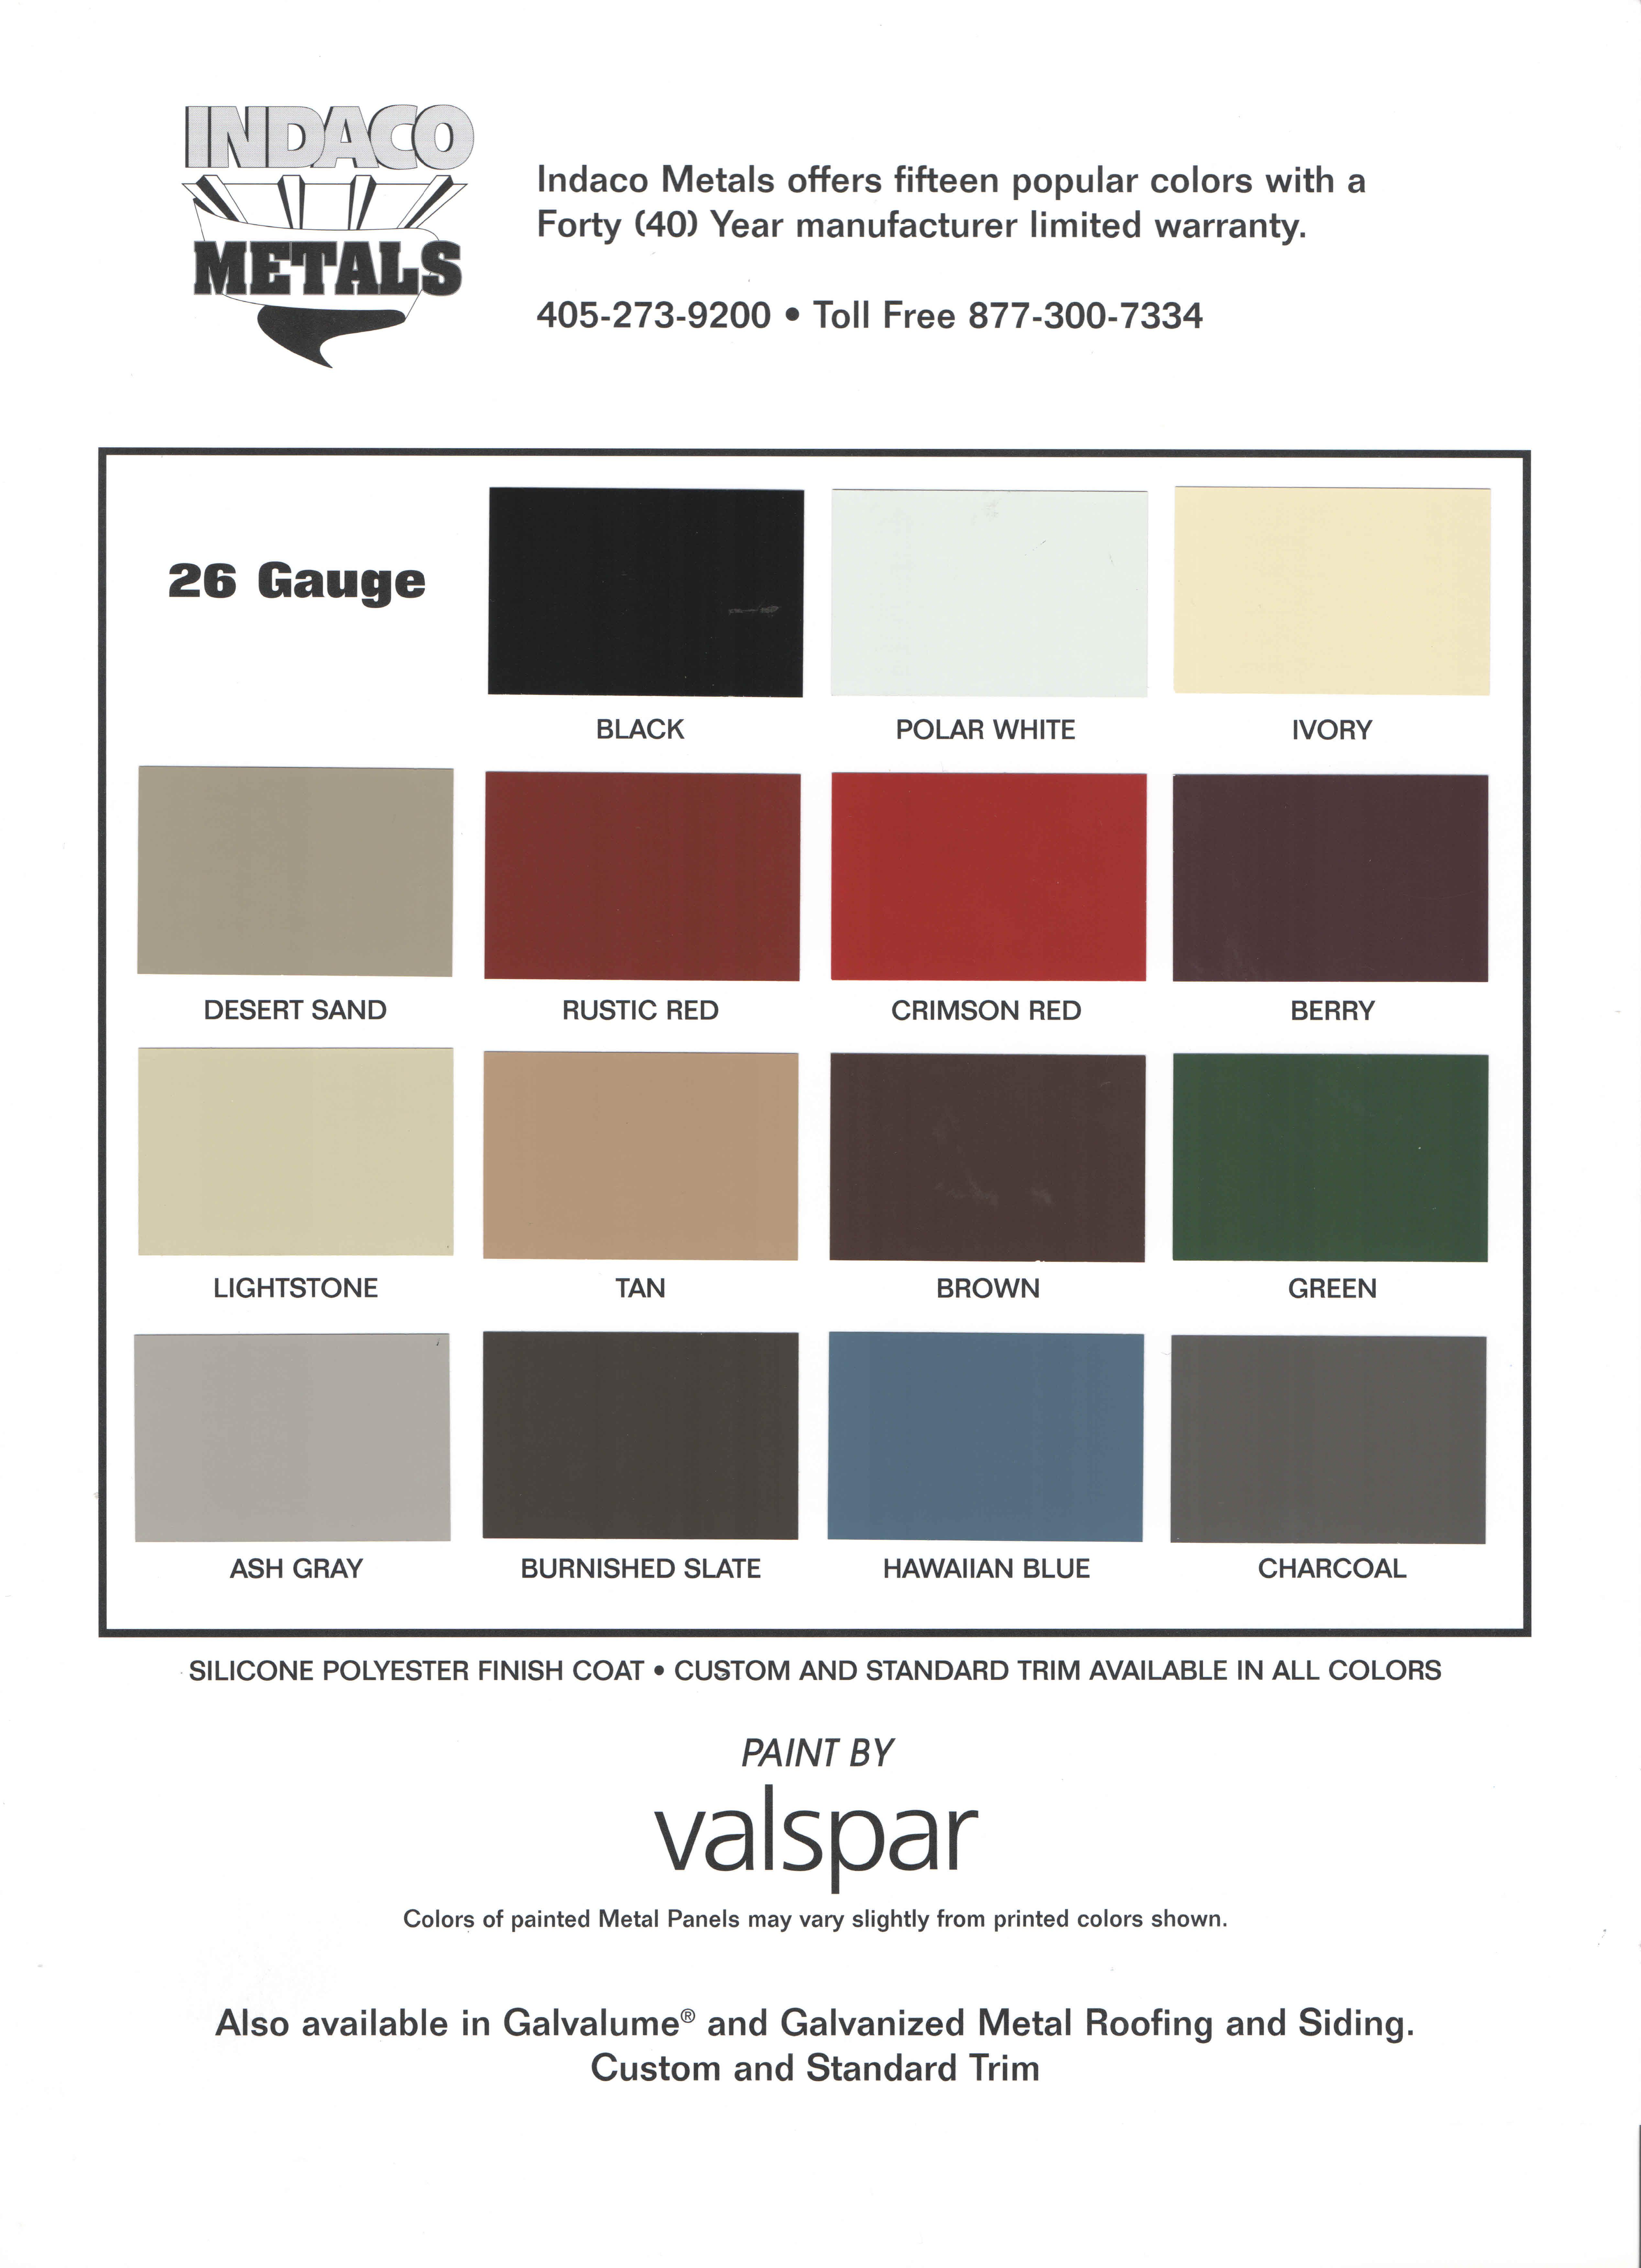 GCI color chart